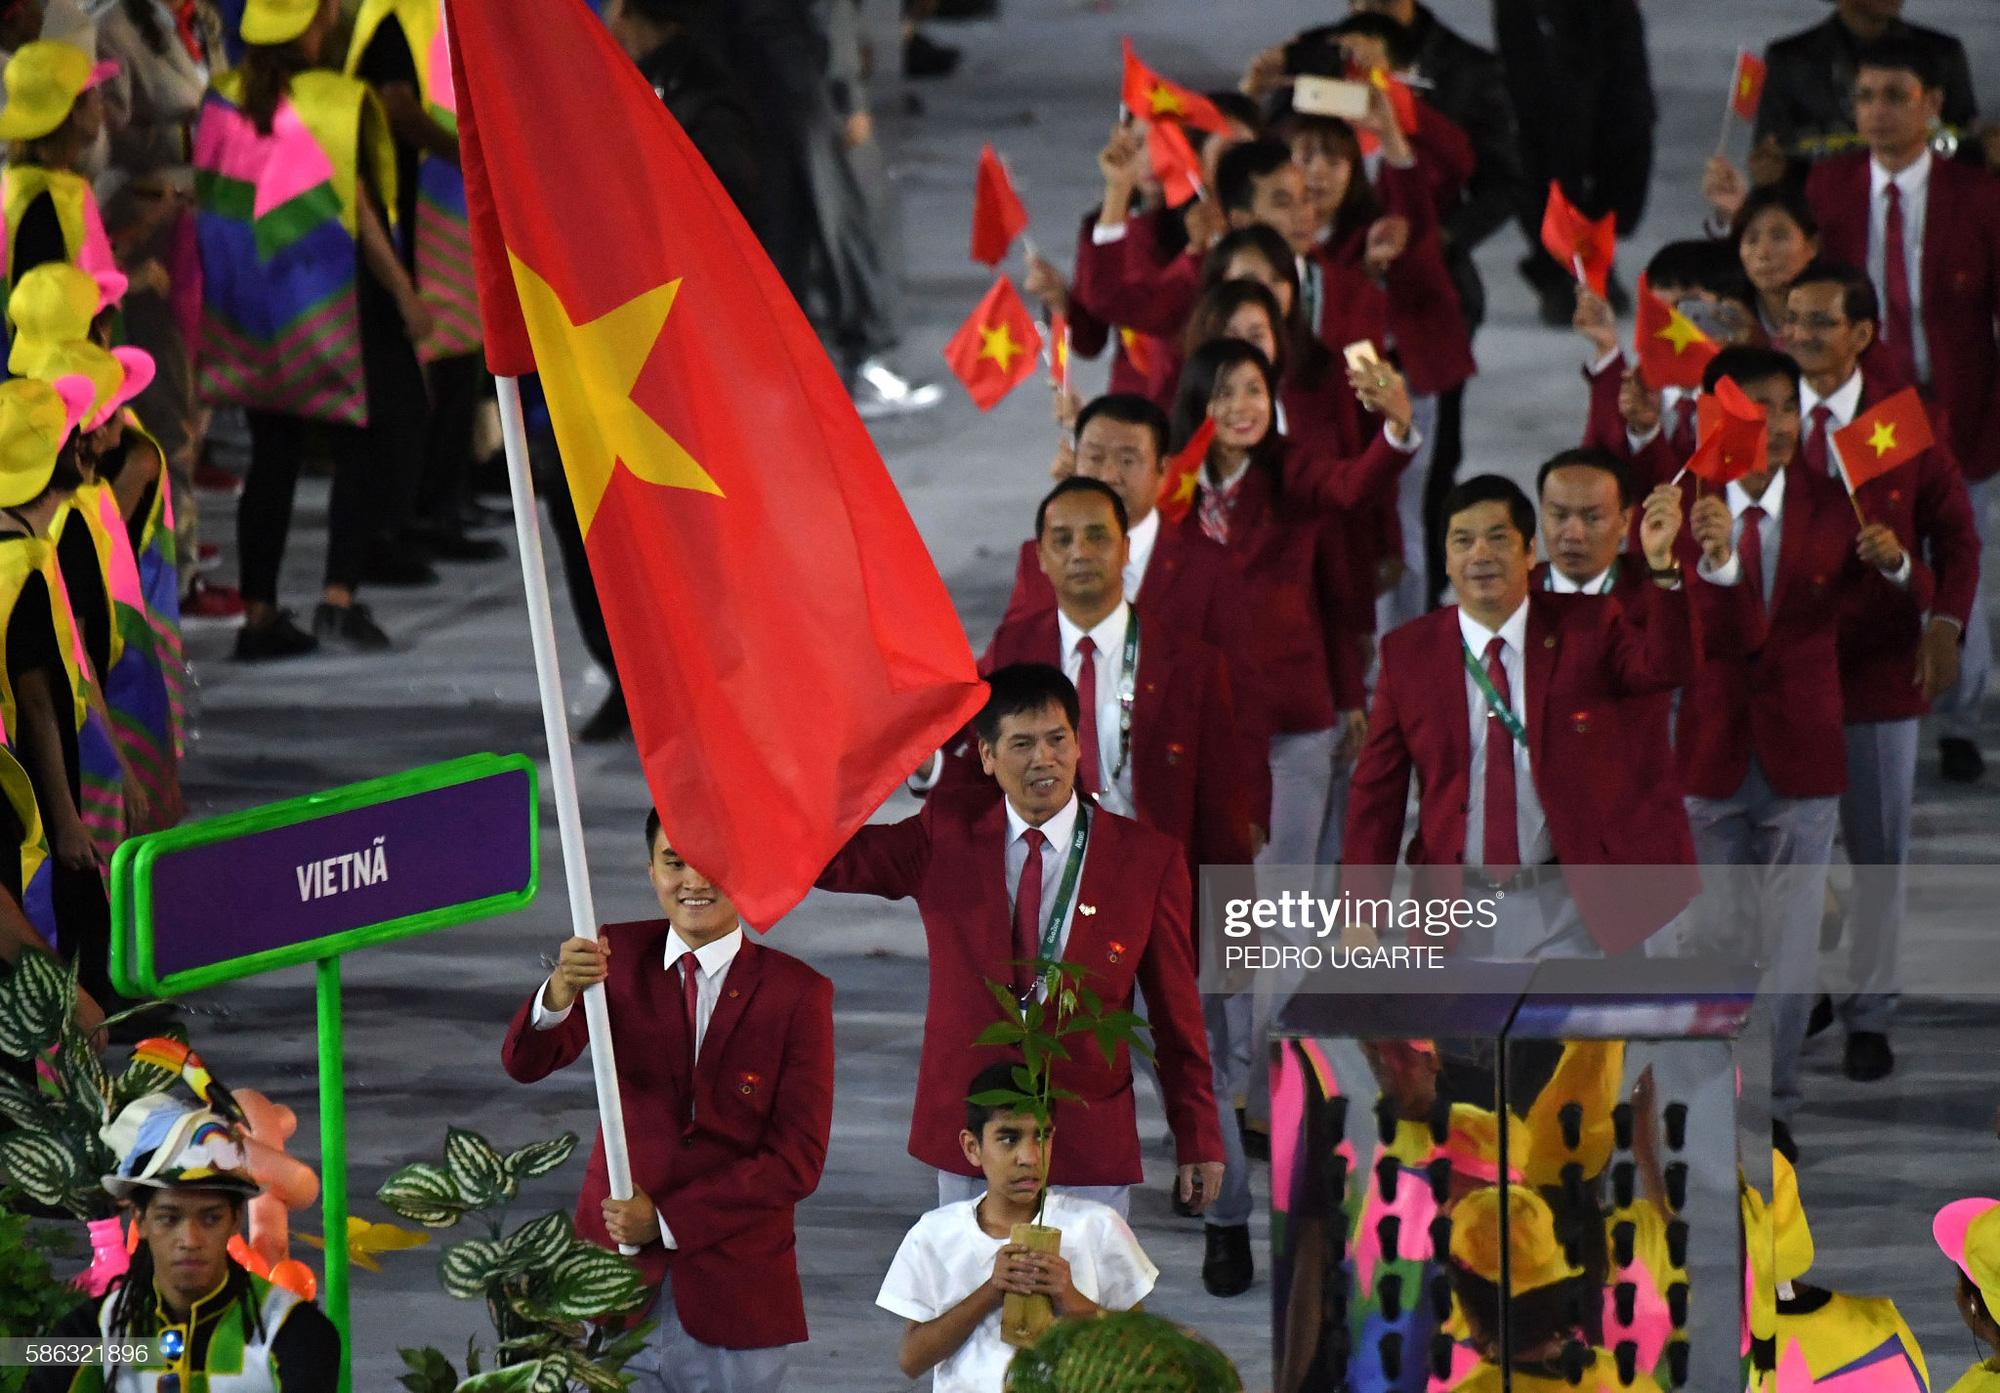 Hai vận động viên vinh dự cầm cờ đoàn thể thao Việt Nam tại lễ khai mạc Olympic Tokyo 2020 - Ảnh 2.